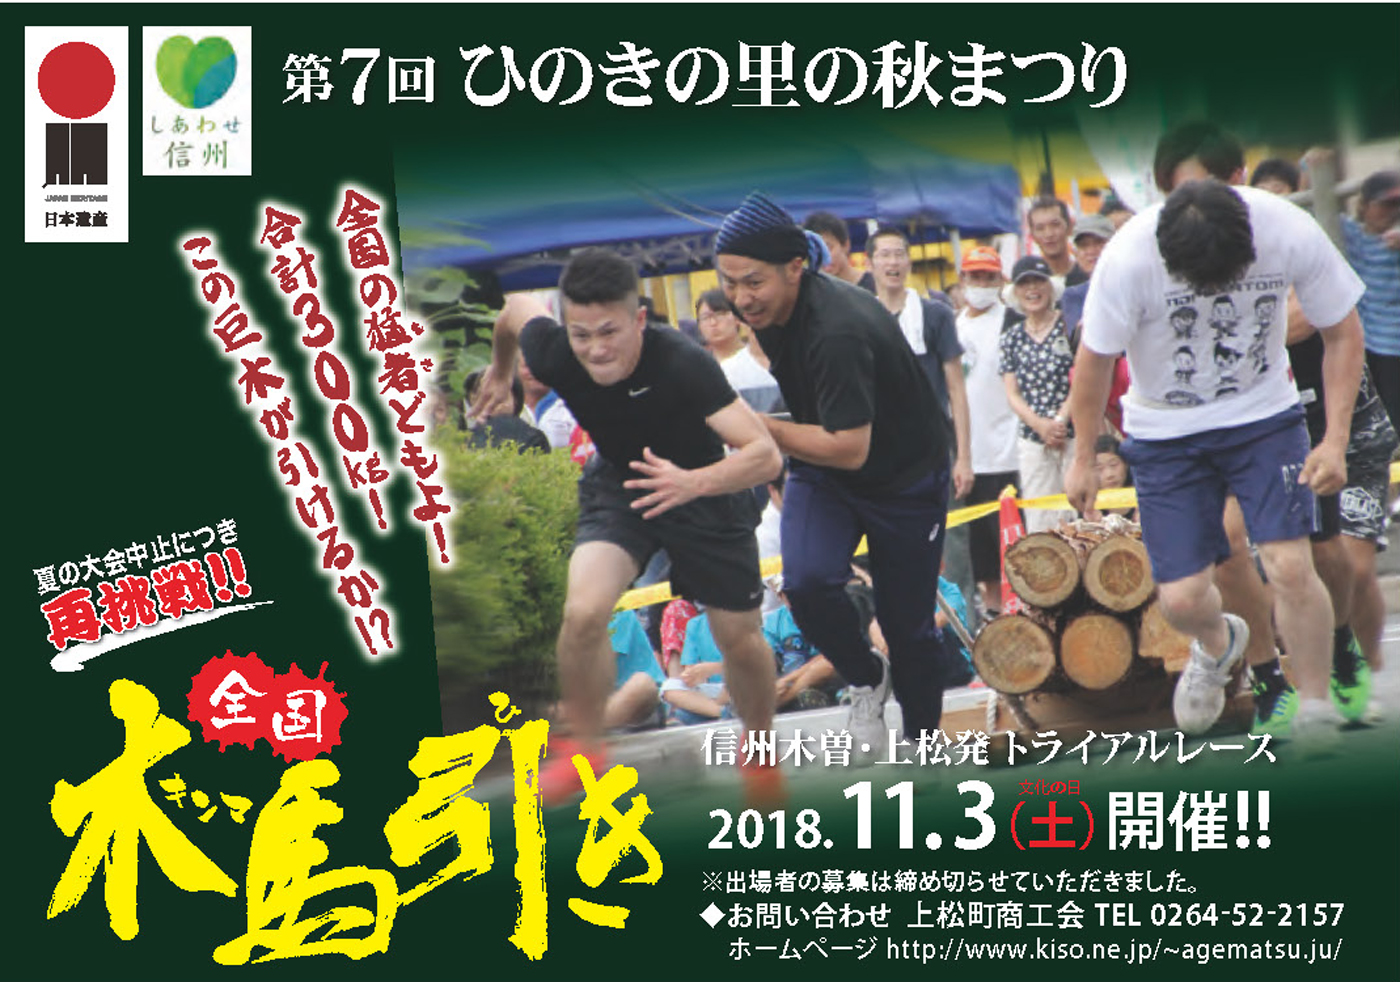 2018.11.3 再挑戦!木馬引きレース開催! ひのきの里秋祭り